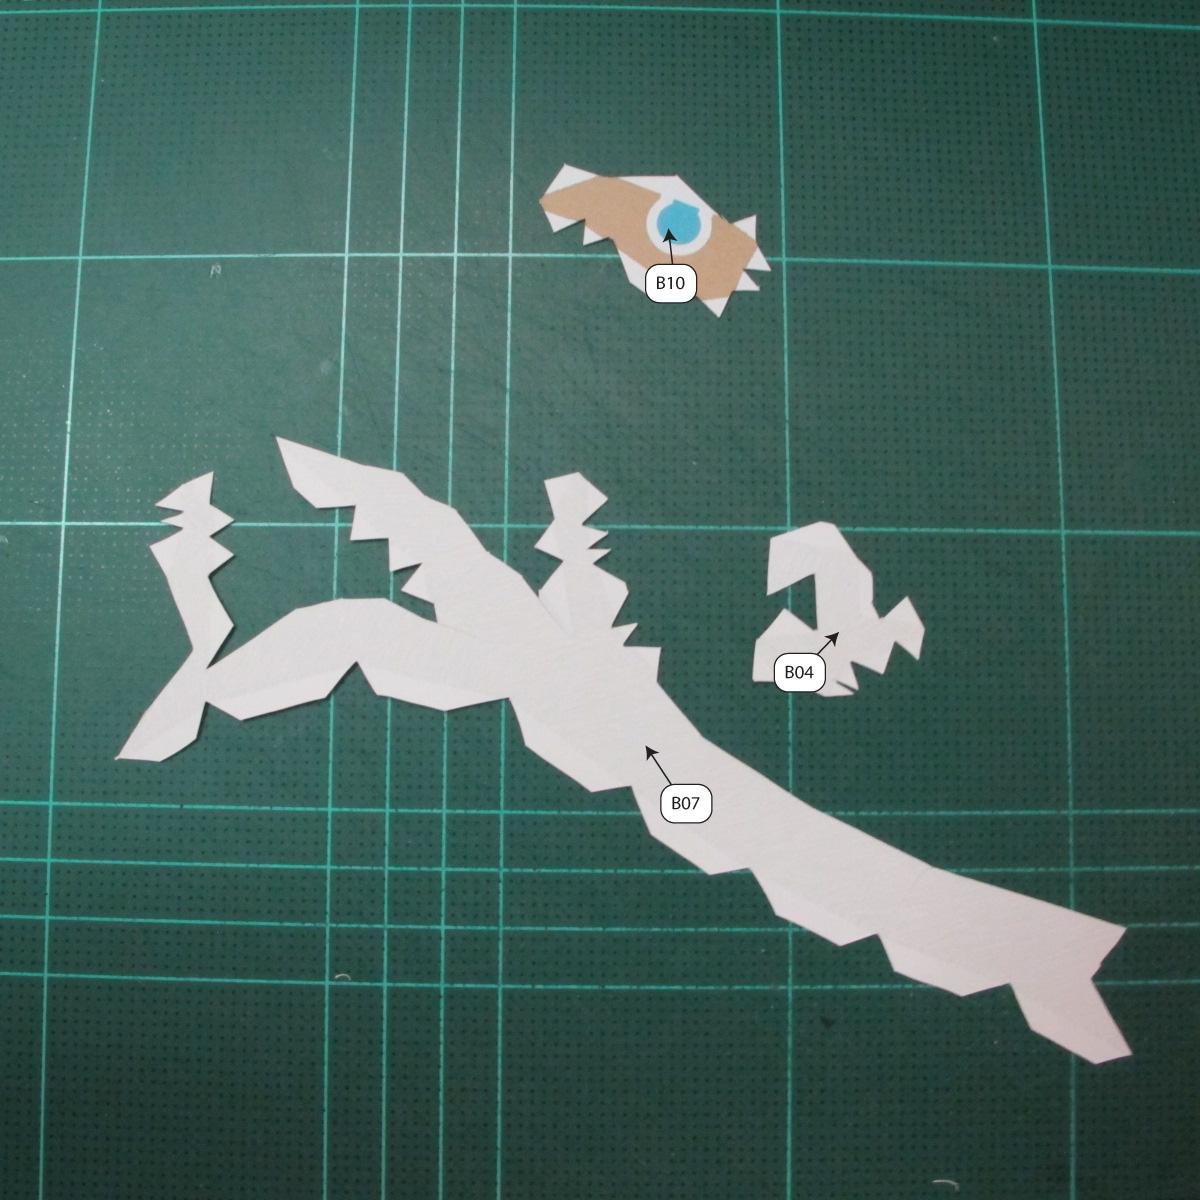 วิธีทำโมเดลกระดาษของเล่นคุกกี้รัน คุกกี้รสพ่อมด (Cookie Run Wizard Cookie Papercraft Model) 001